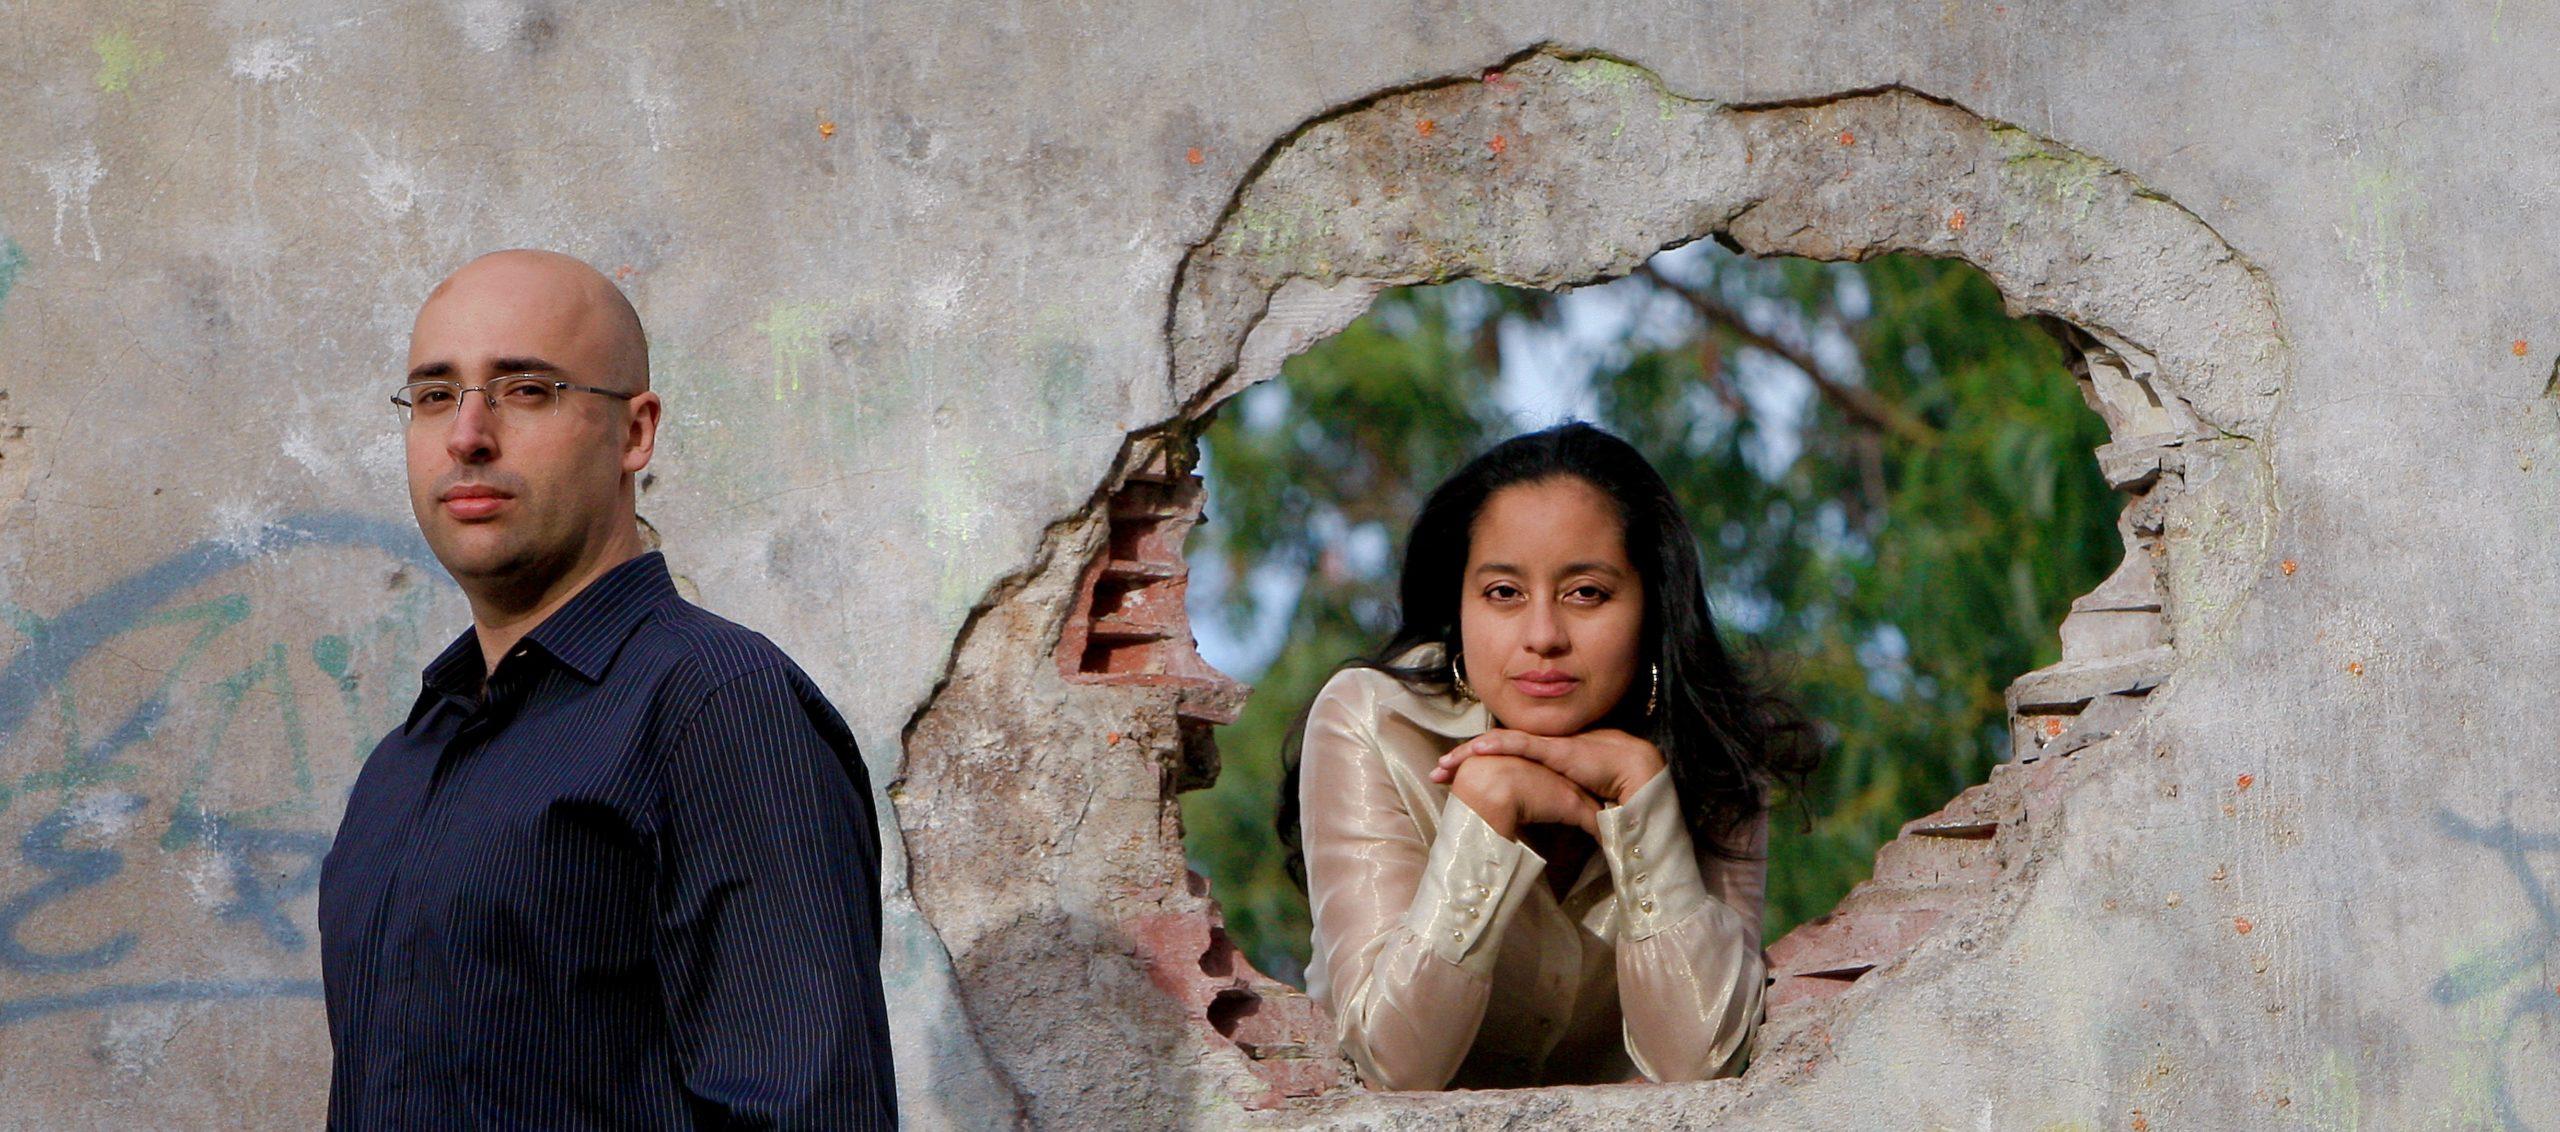 Pianists Filipe Pinto-Ribeiro and Rosa Maria Barrantes. Photo by Leonel de Castro.